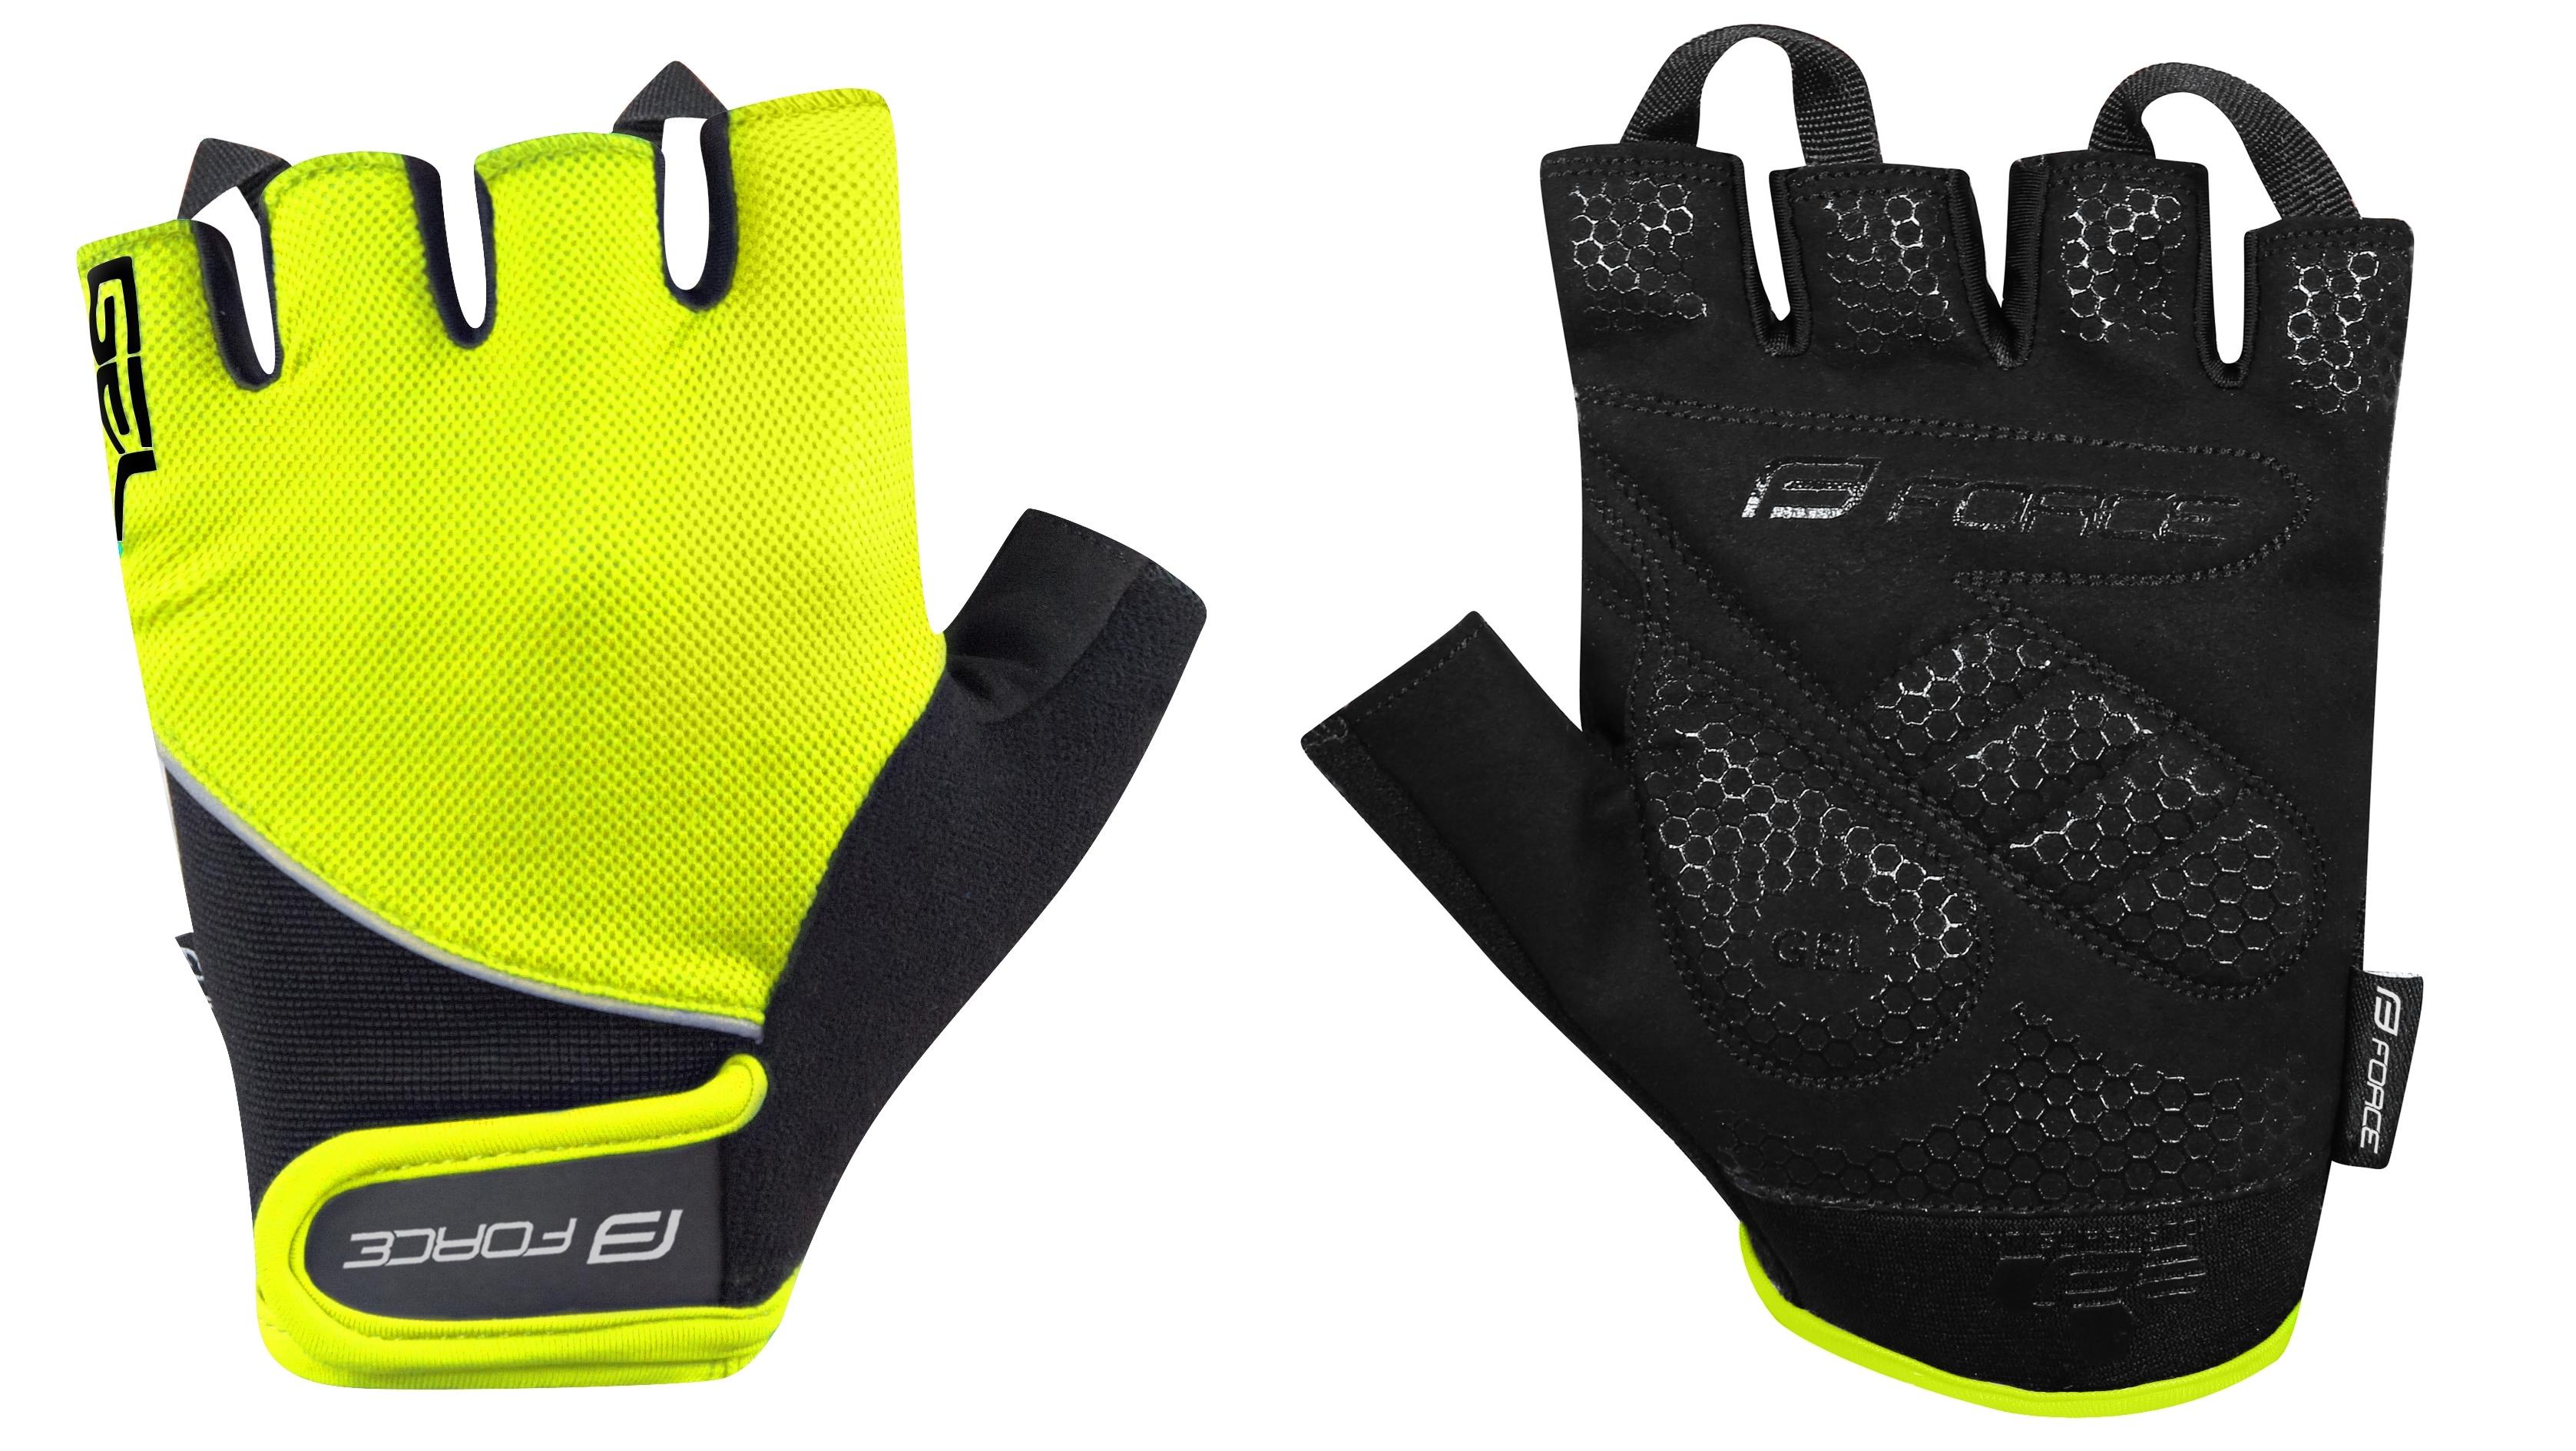 rukavice FORCE GEL, fluo-černé XS